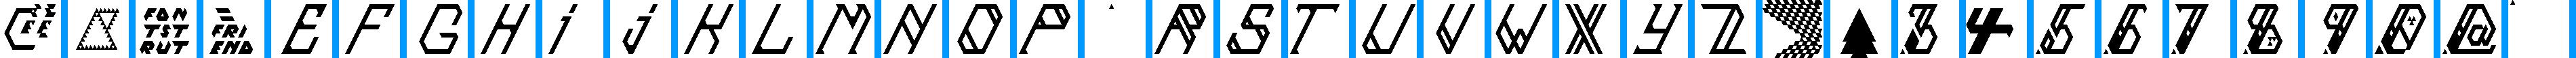 Particip-a-type v.333